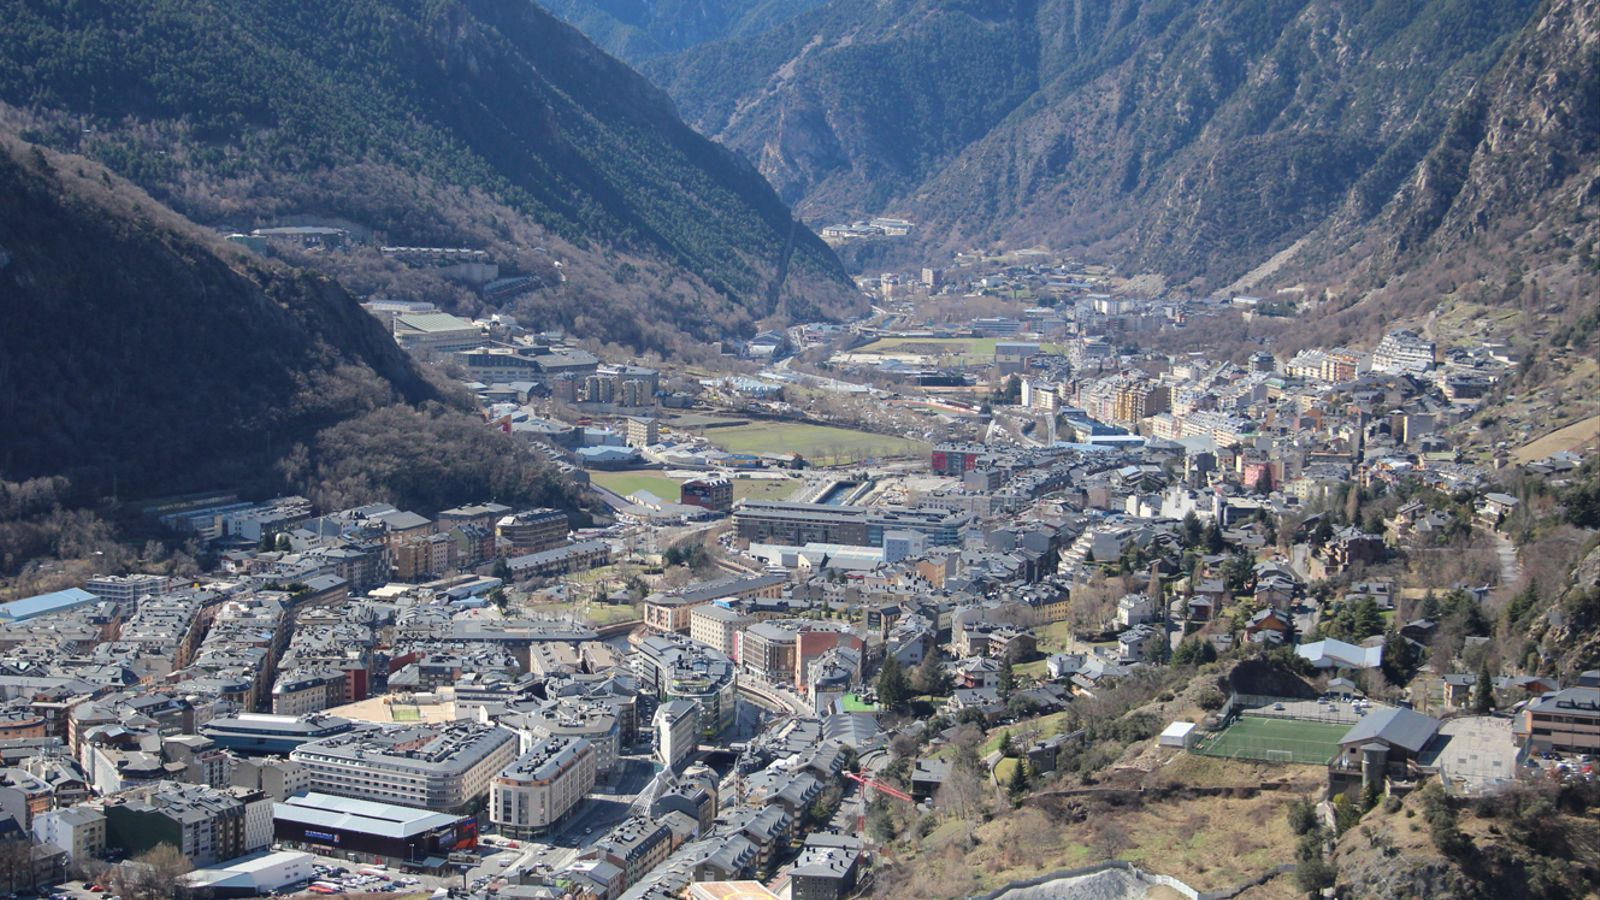 Vista de la parròquia d'Andorra la Vella. / ARXIU ANA